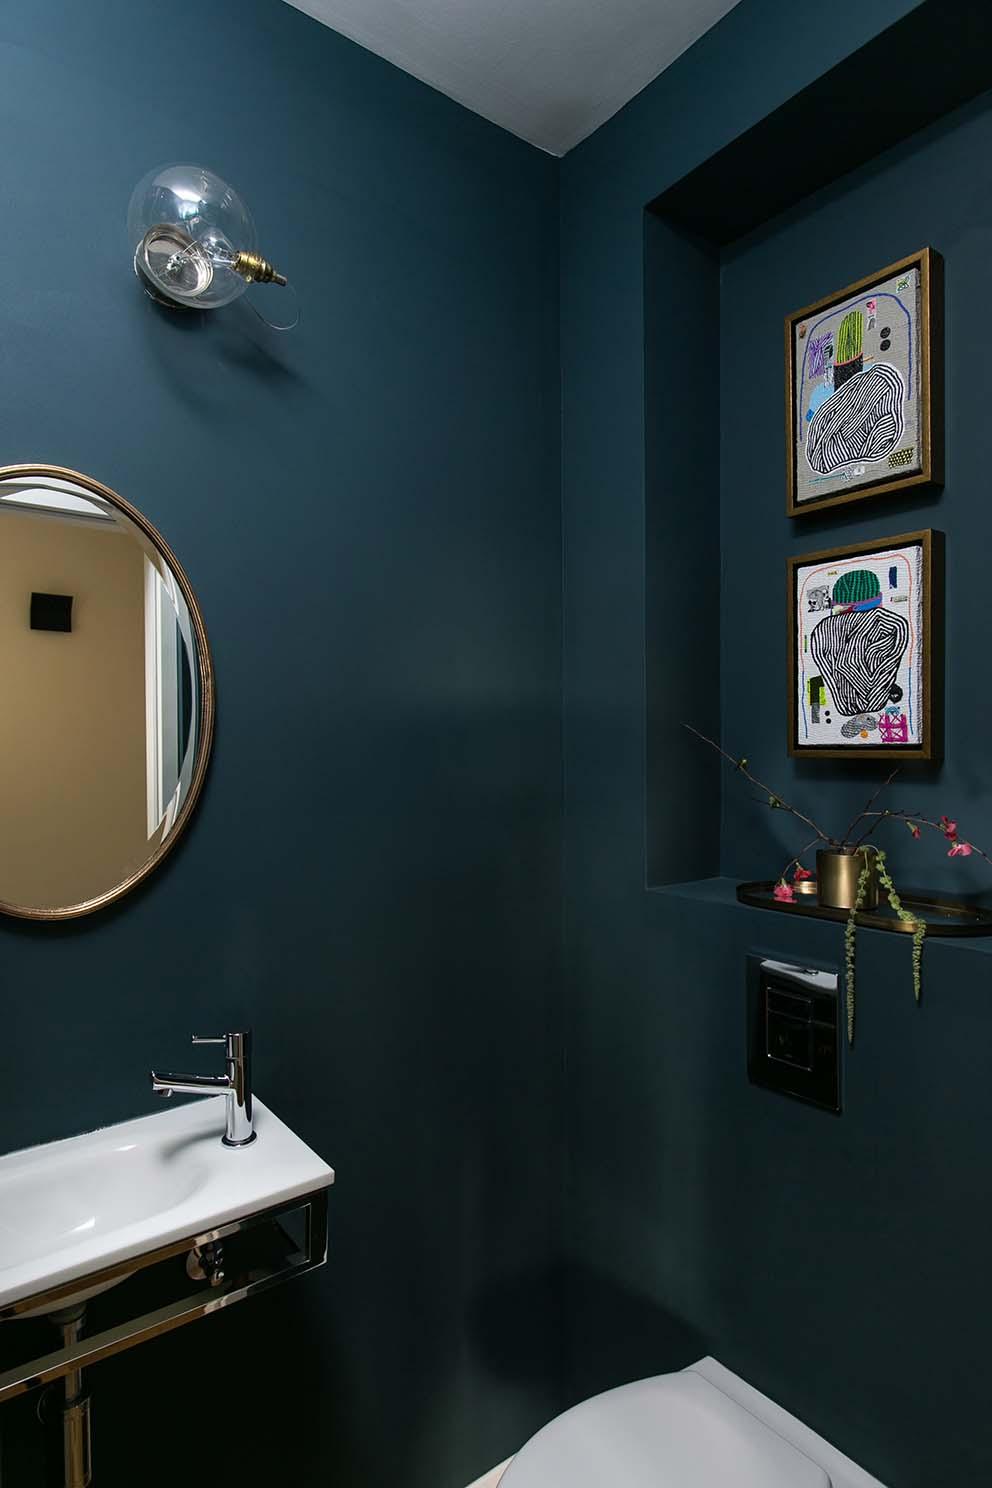 עיצוב: איריס ברקוביץ' צילום: שירן כרמל www.pnim.co.il